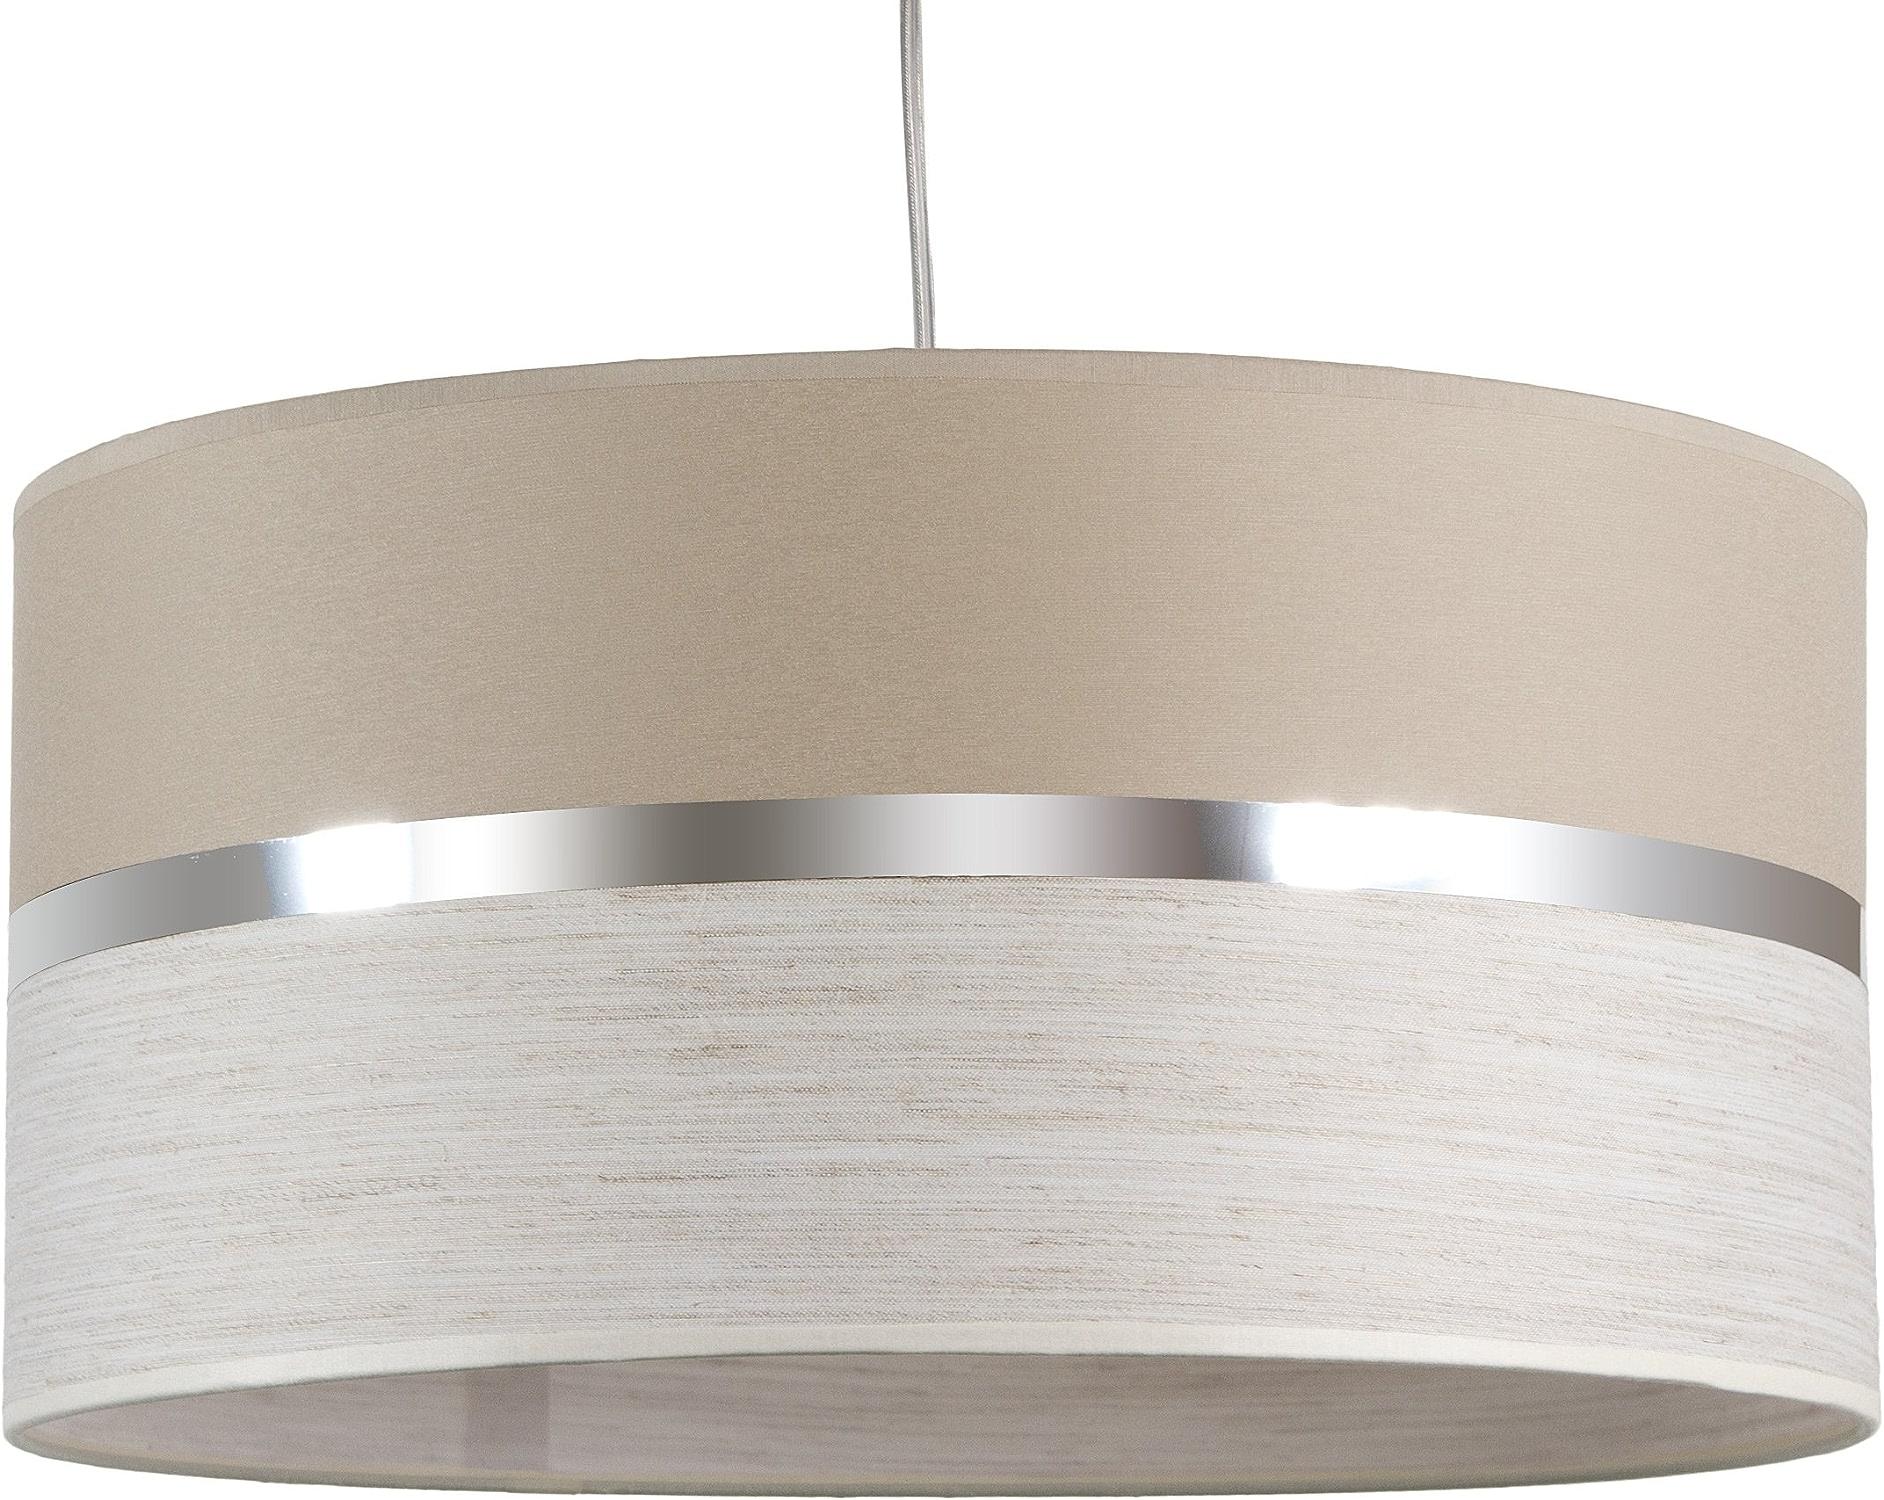 Maison Lampe de Plafond Lune 42283 texture jaspe et Sable